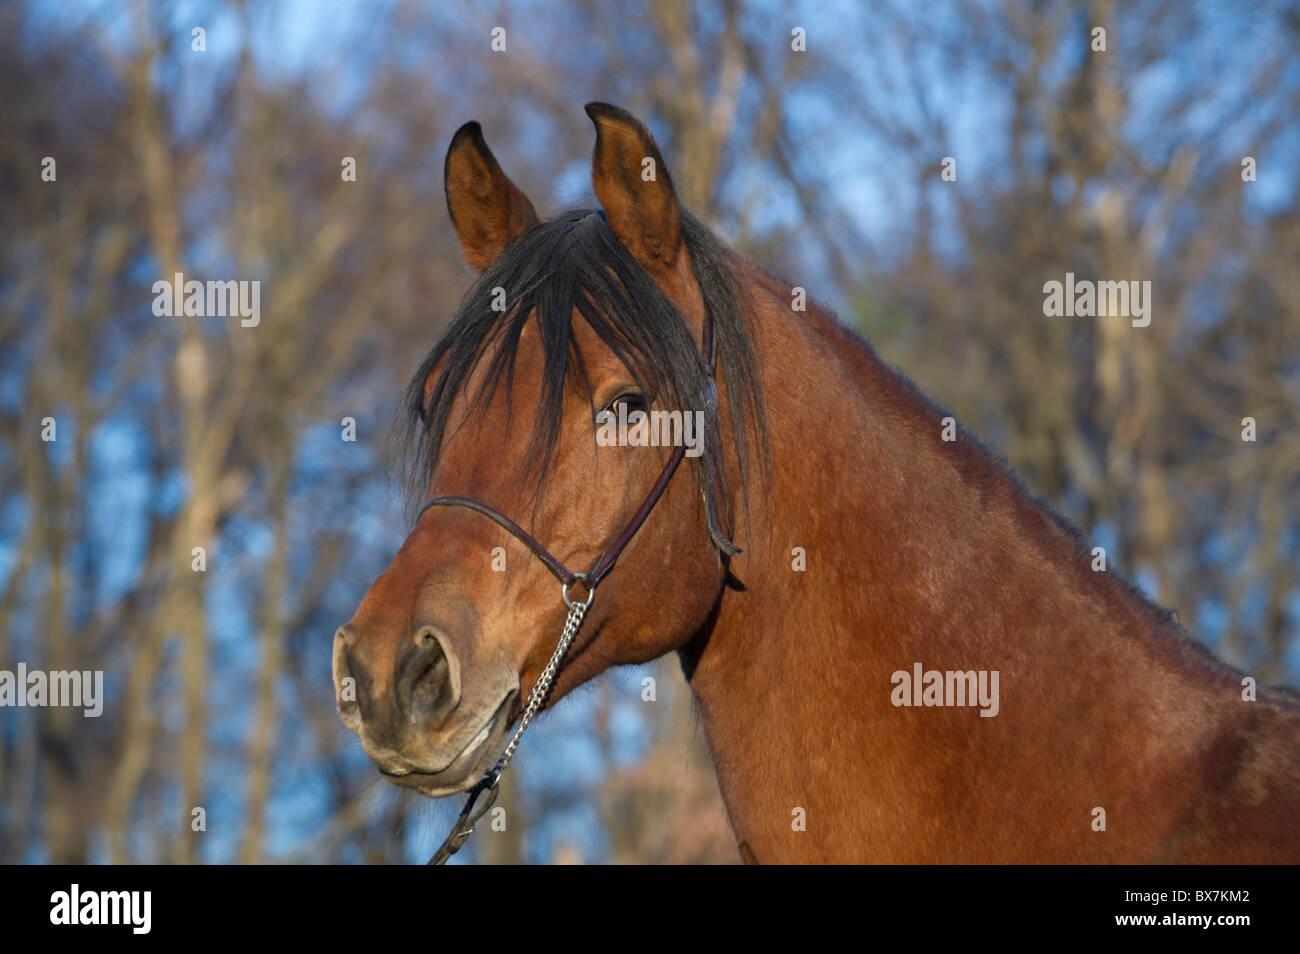 Späten Pferd Goldenes Abend Den Licht Schöne Arabische In 0Ow8Pnk